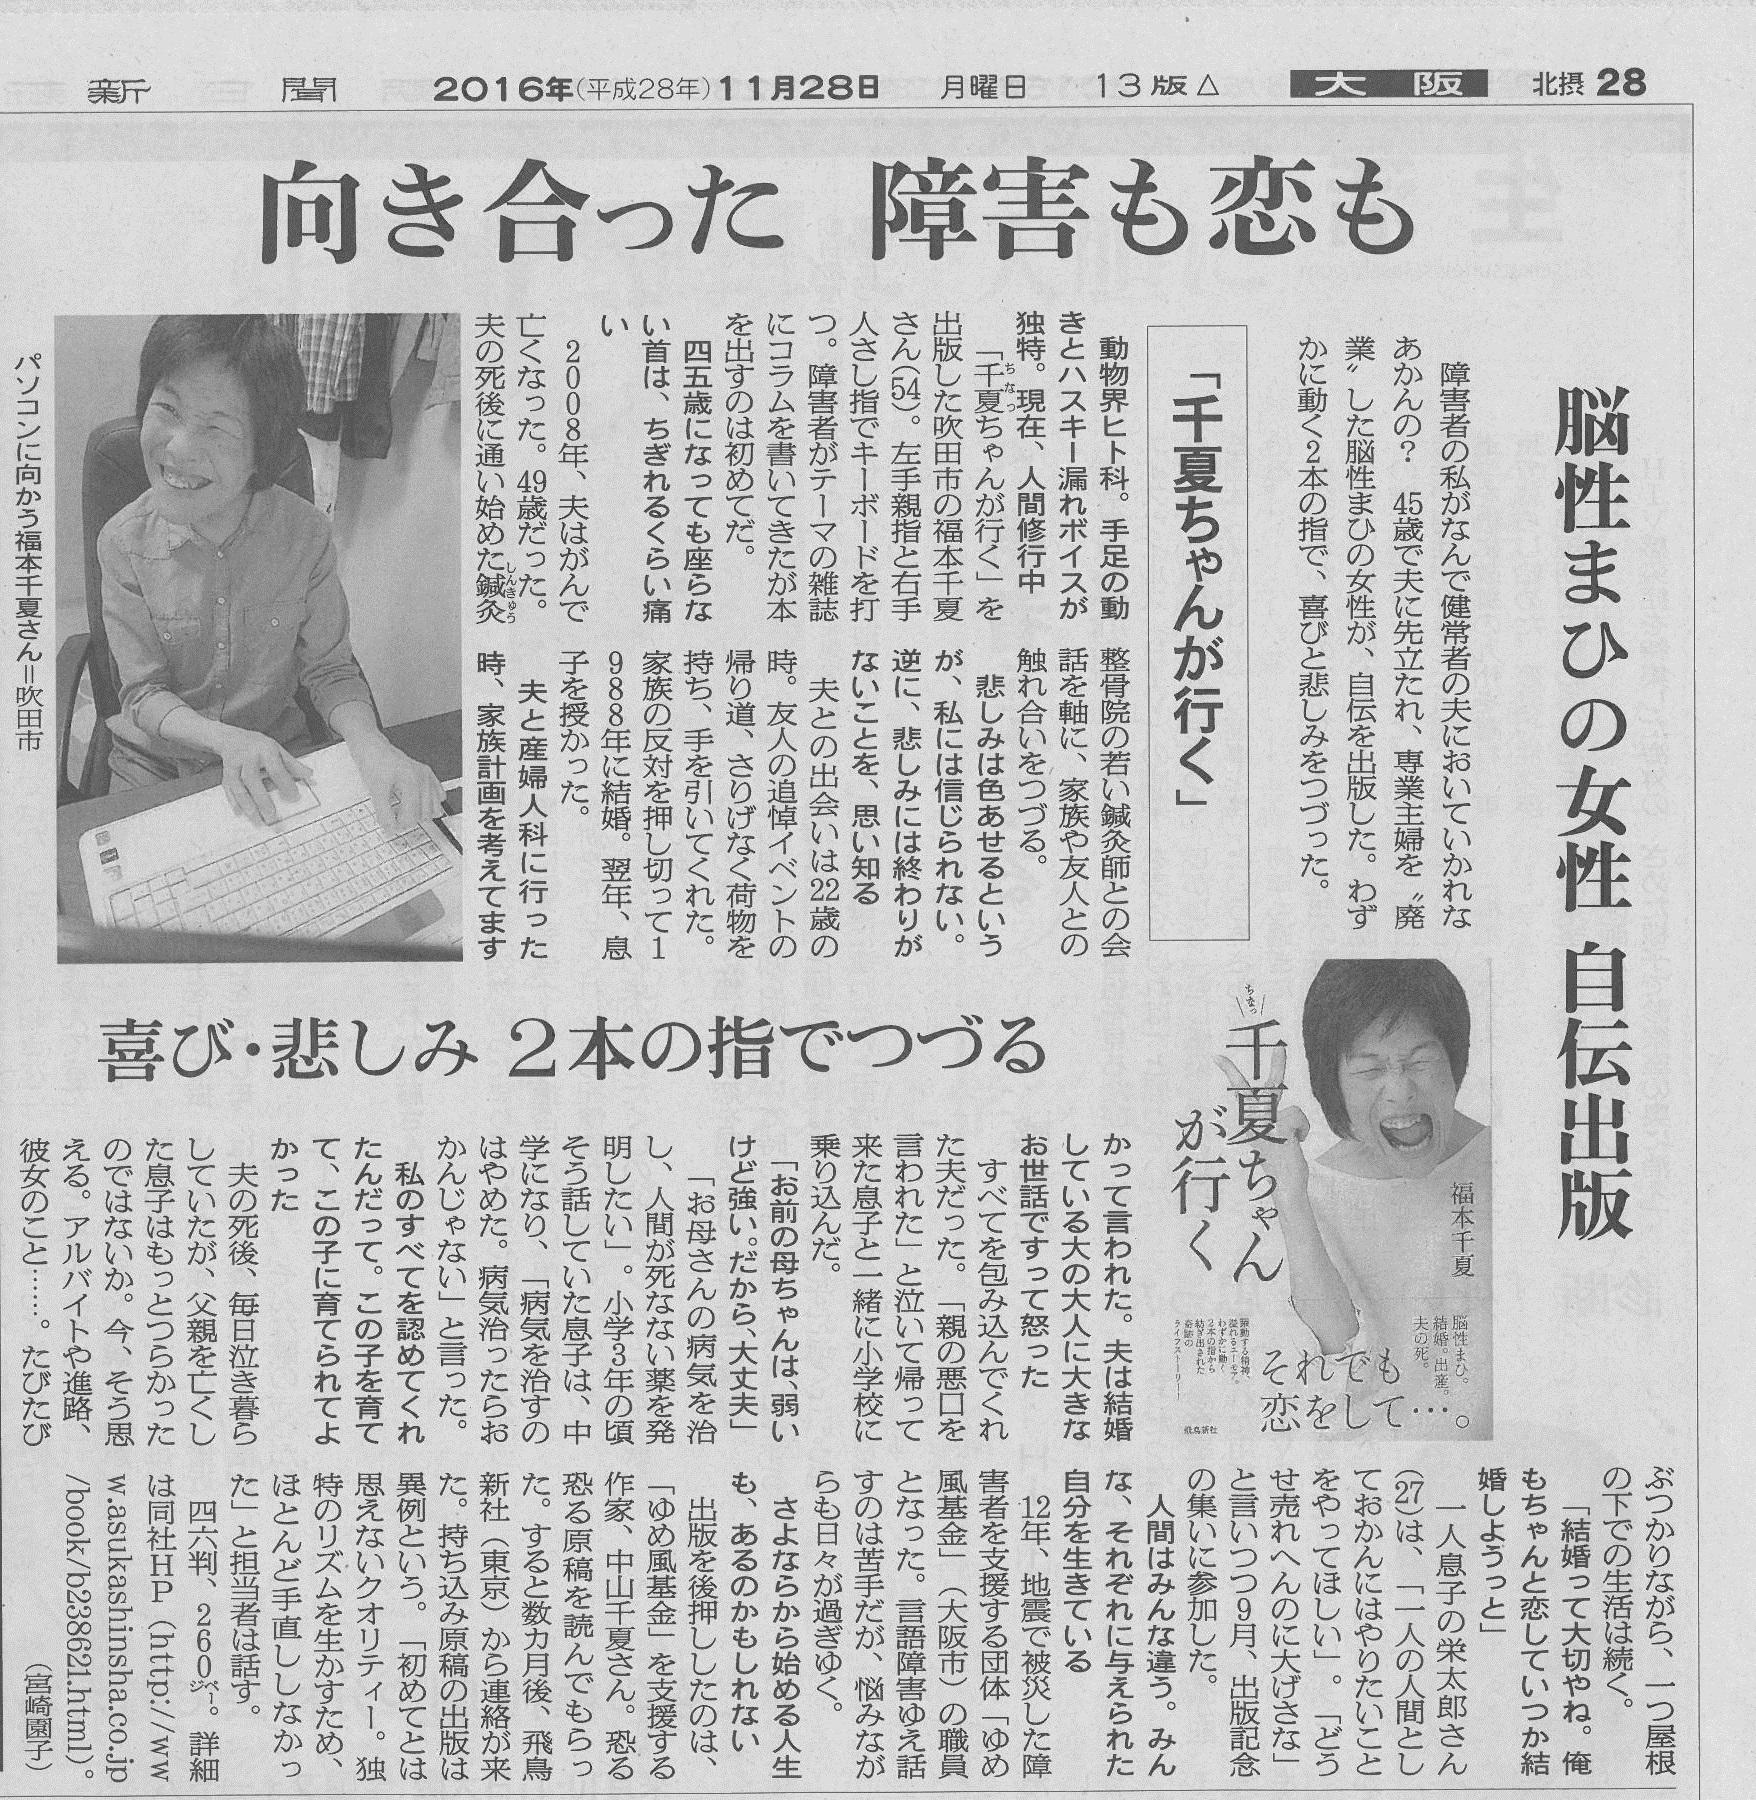 161128朝日新聞福本